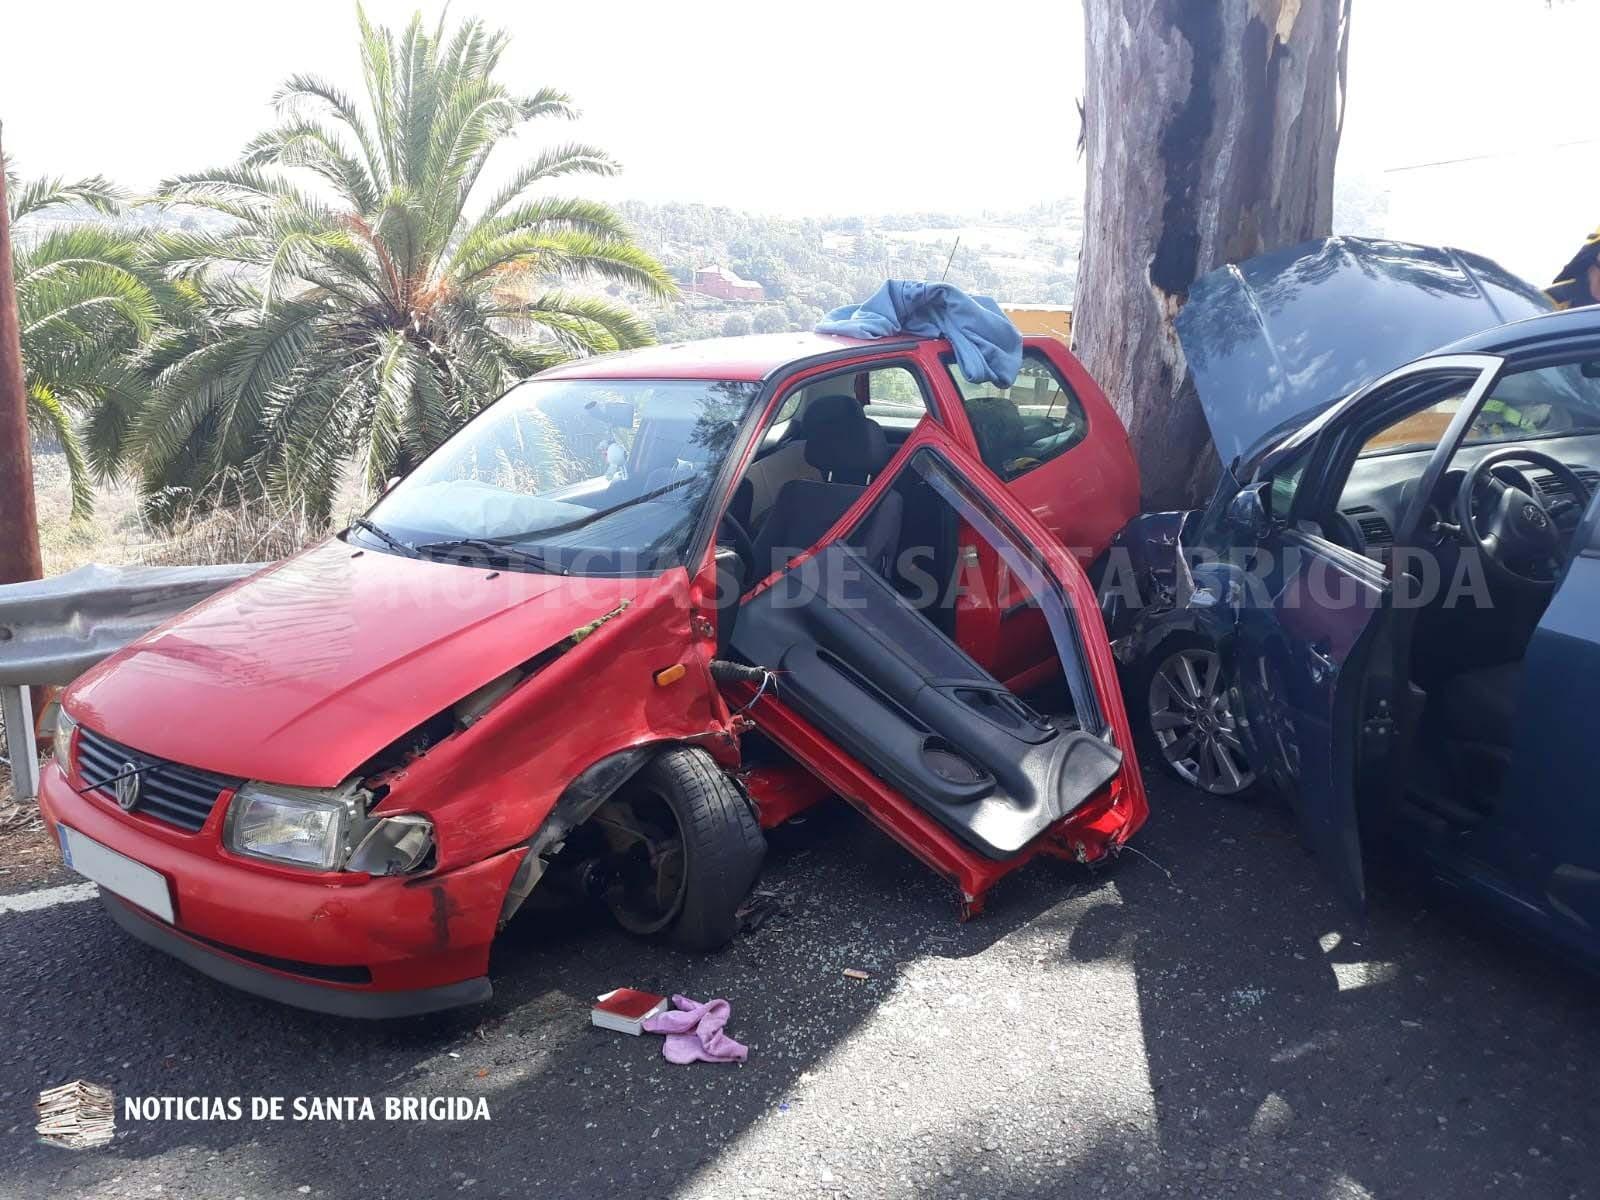 Accidente GC 15 25 sept 2018 Foto Laura Miranda Noticias de Santa Brigida